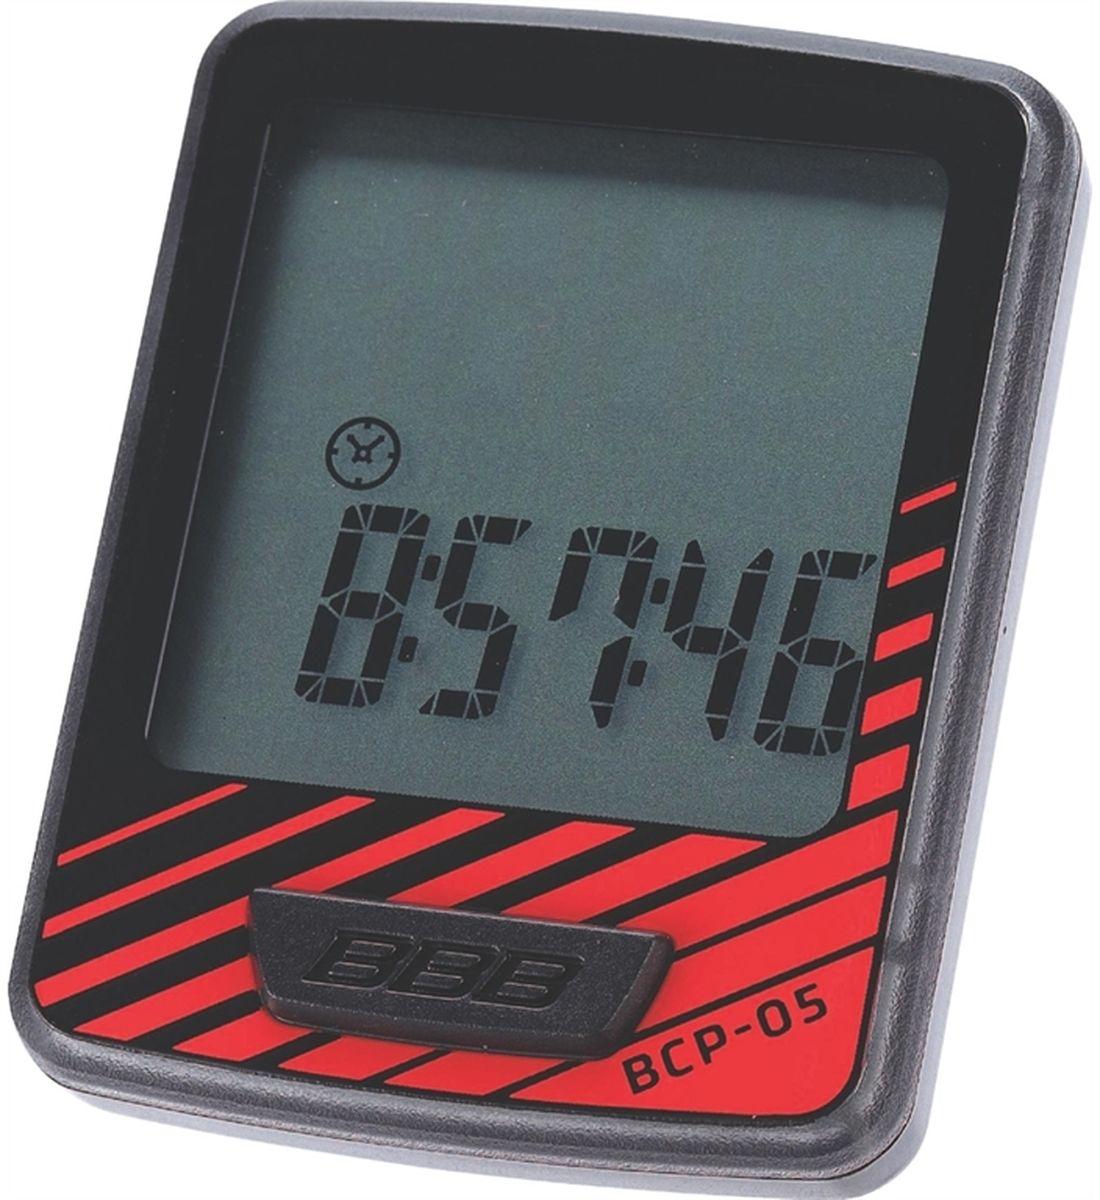 Велокомпьютер BBB DashBoard, цвет: черный, красный, 7 функций компьютер bbb dashboard 7 functions black